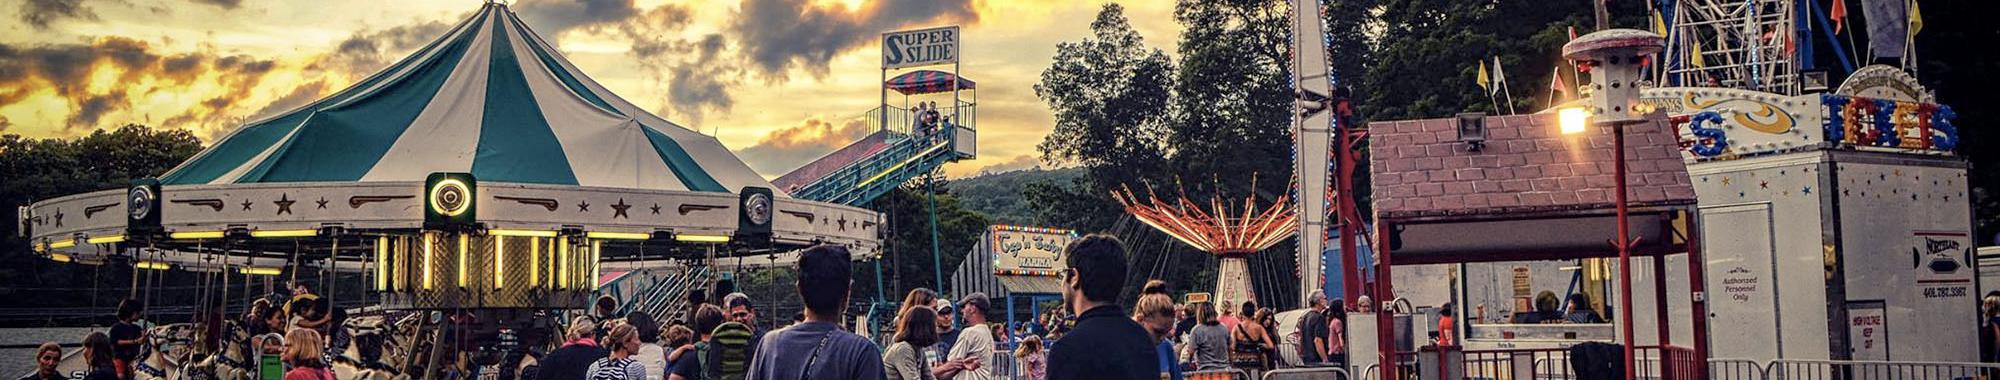 2018 Hamburg Fair